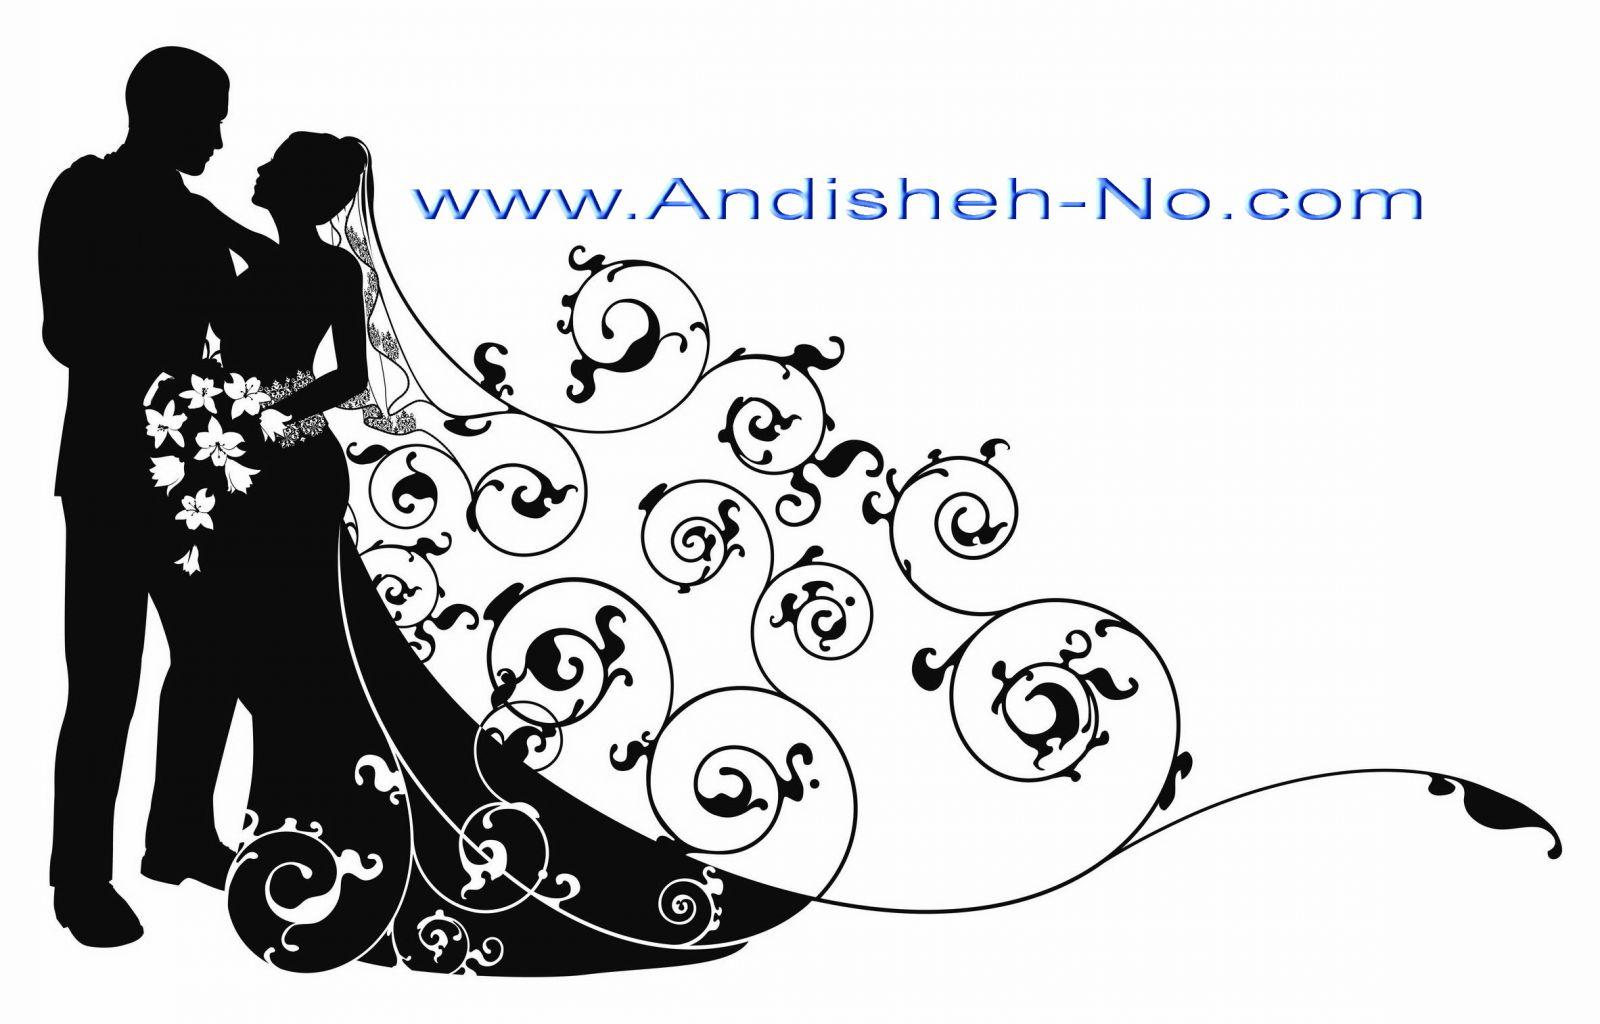 اجاره و فروش لباس دسته دوم و کار کرده توسط عروس خانم های